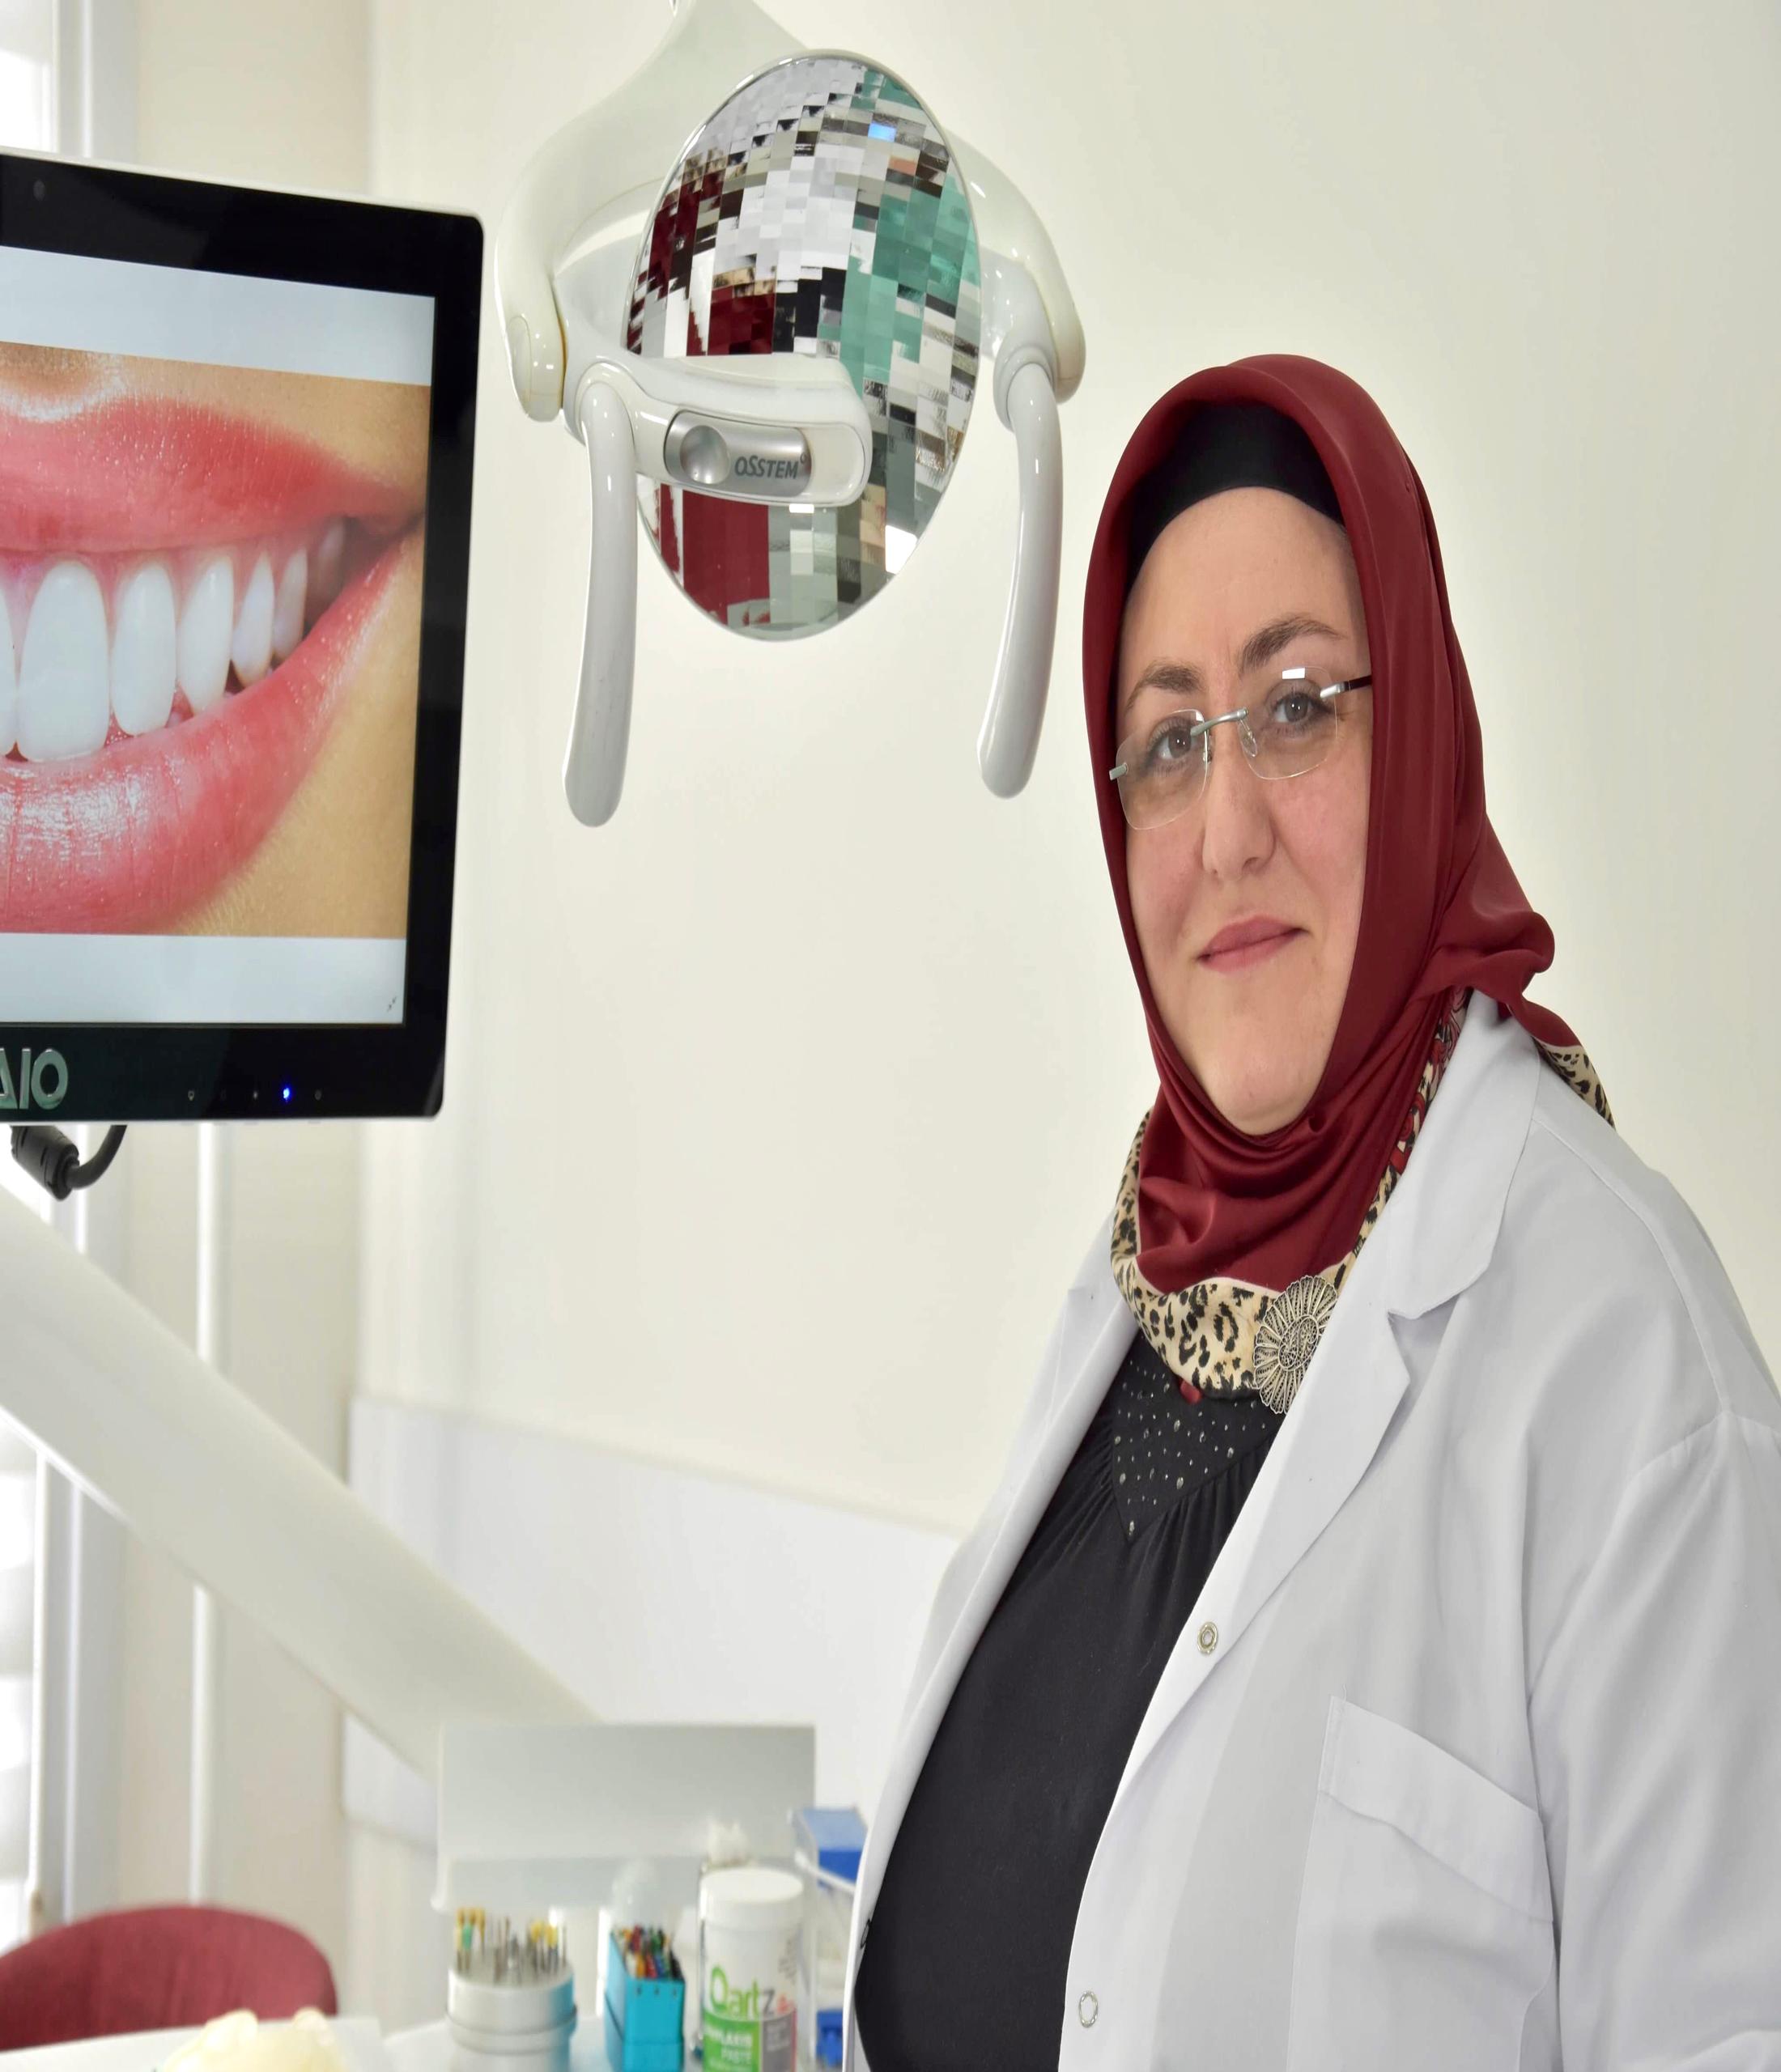 طبيب تقويم أسنان في اسطنبول